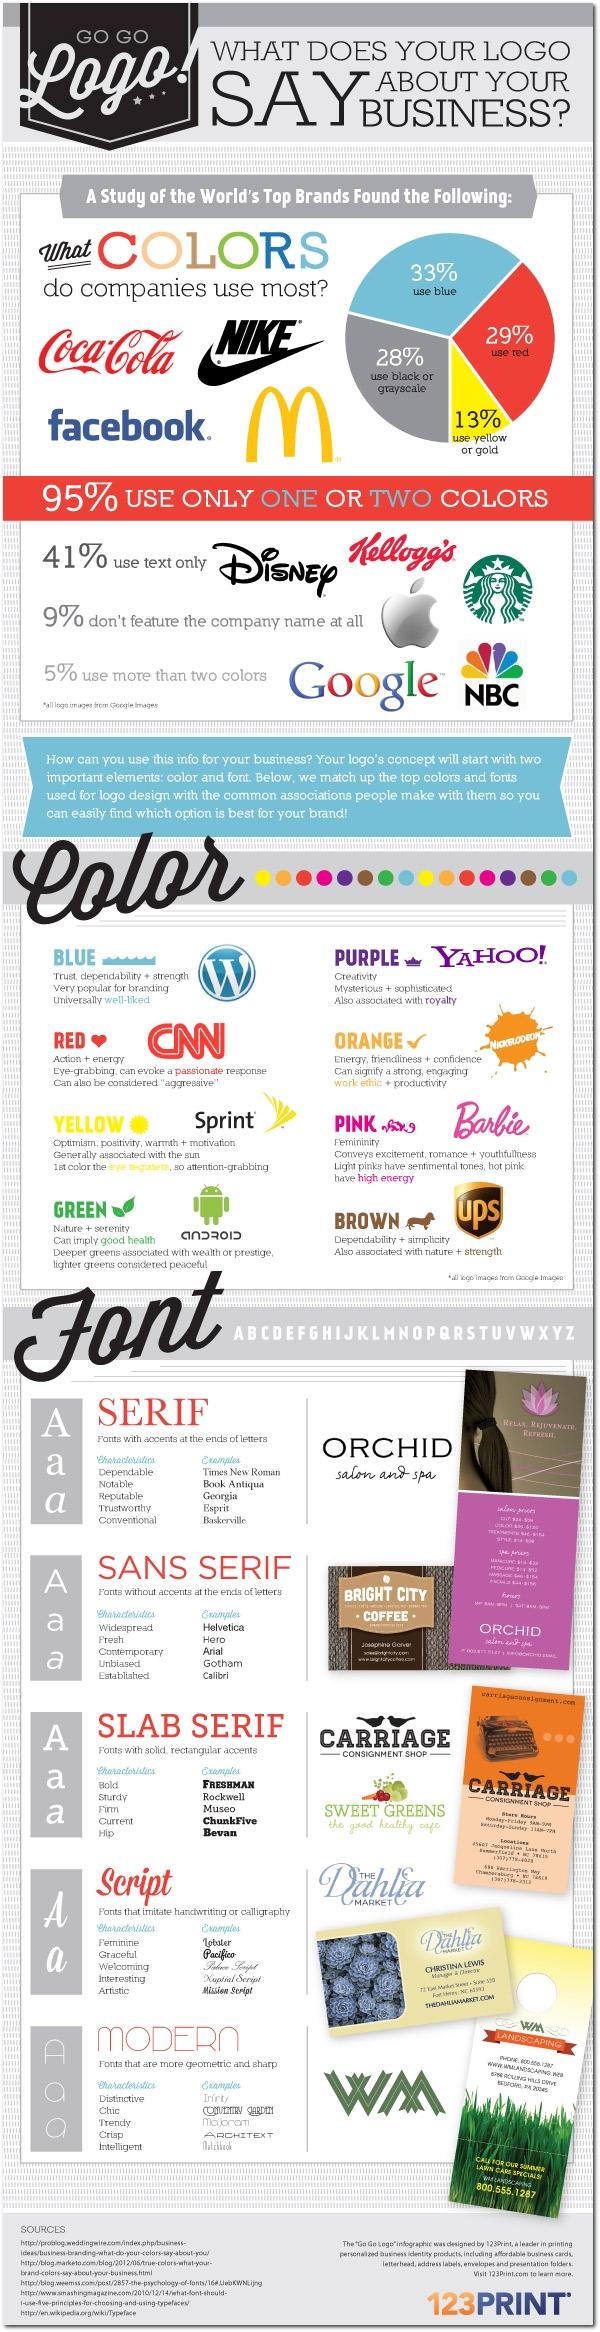 Lo que el logo dice de tu marca